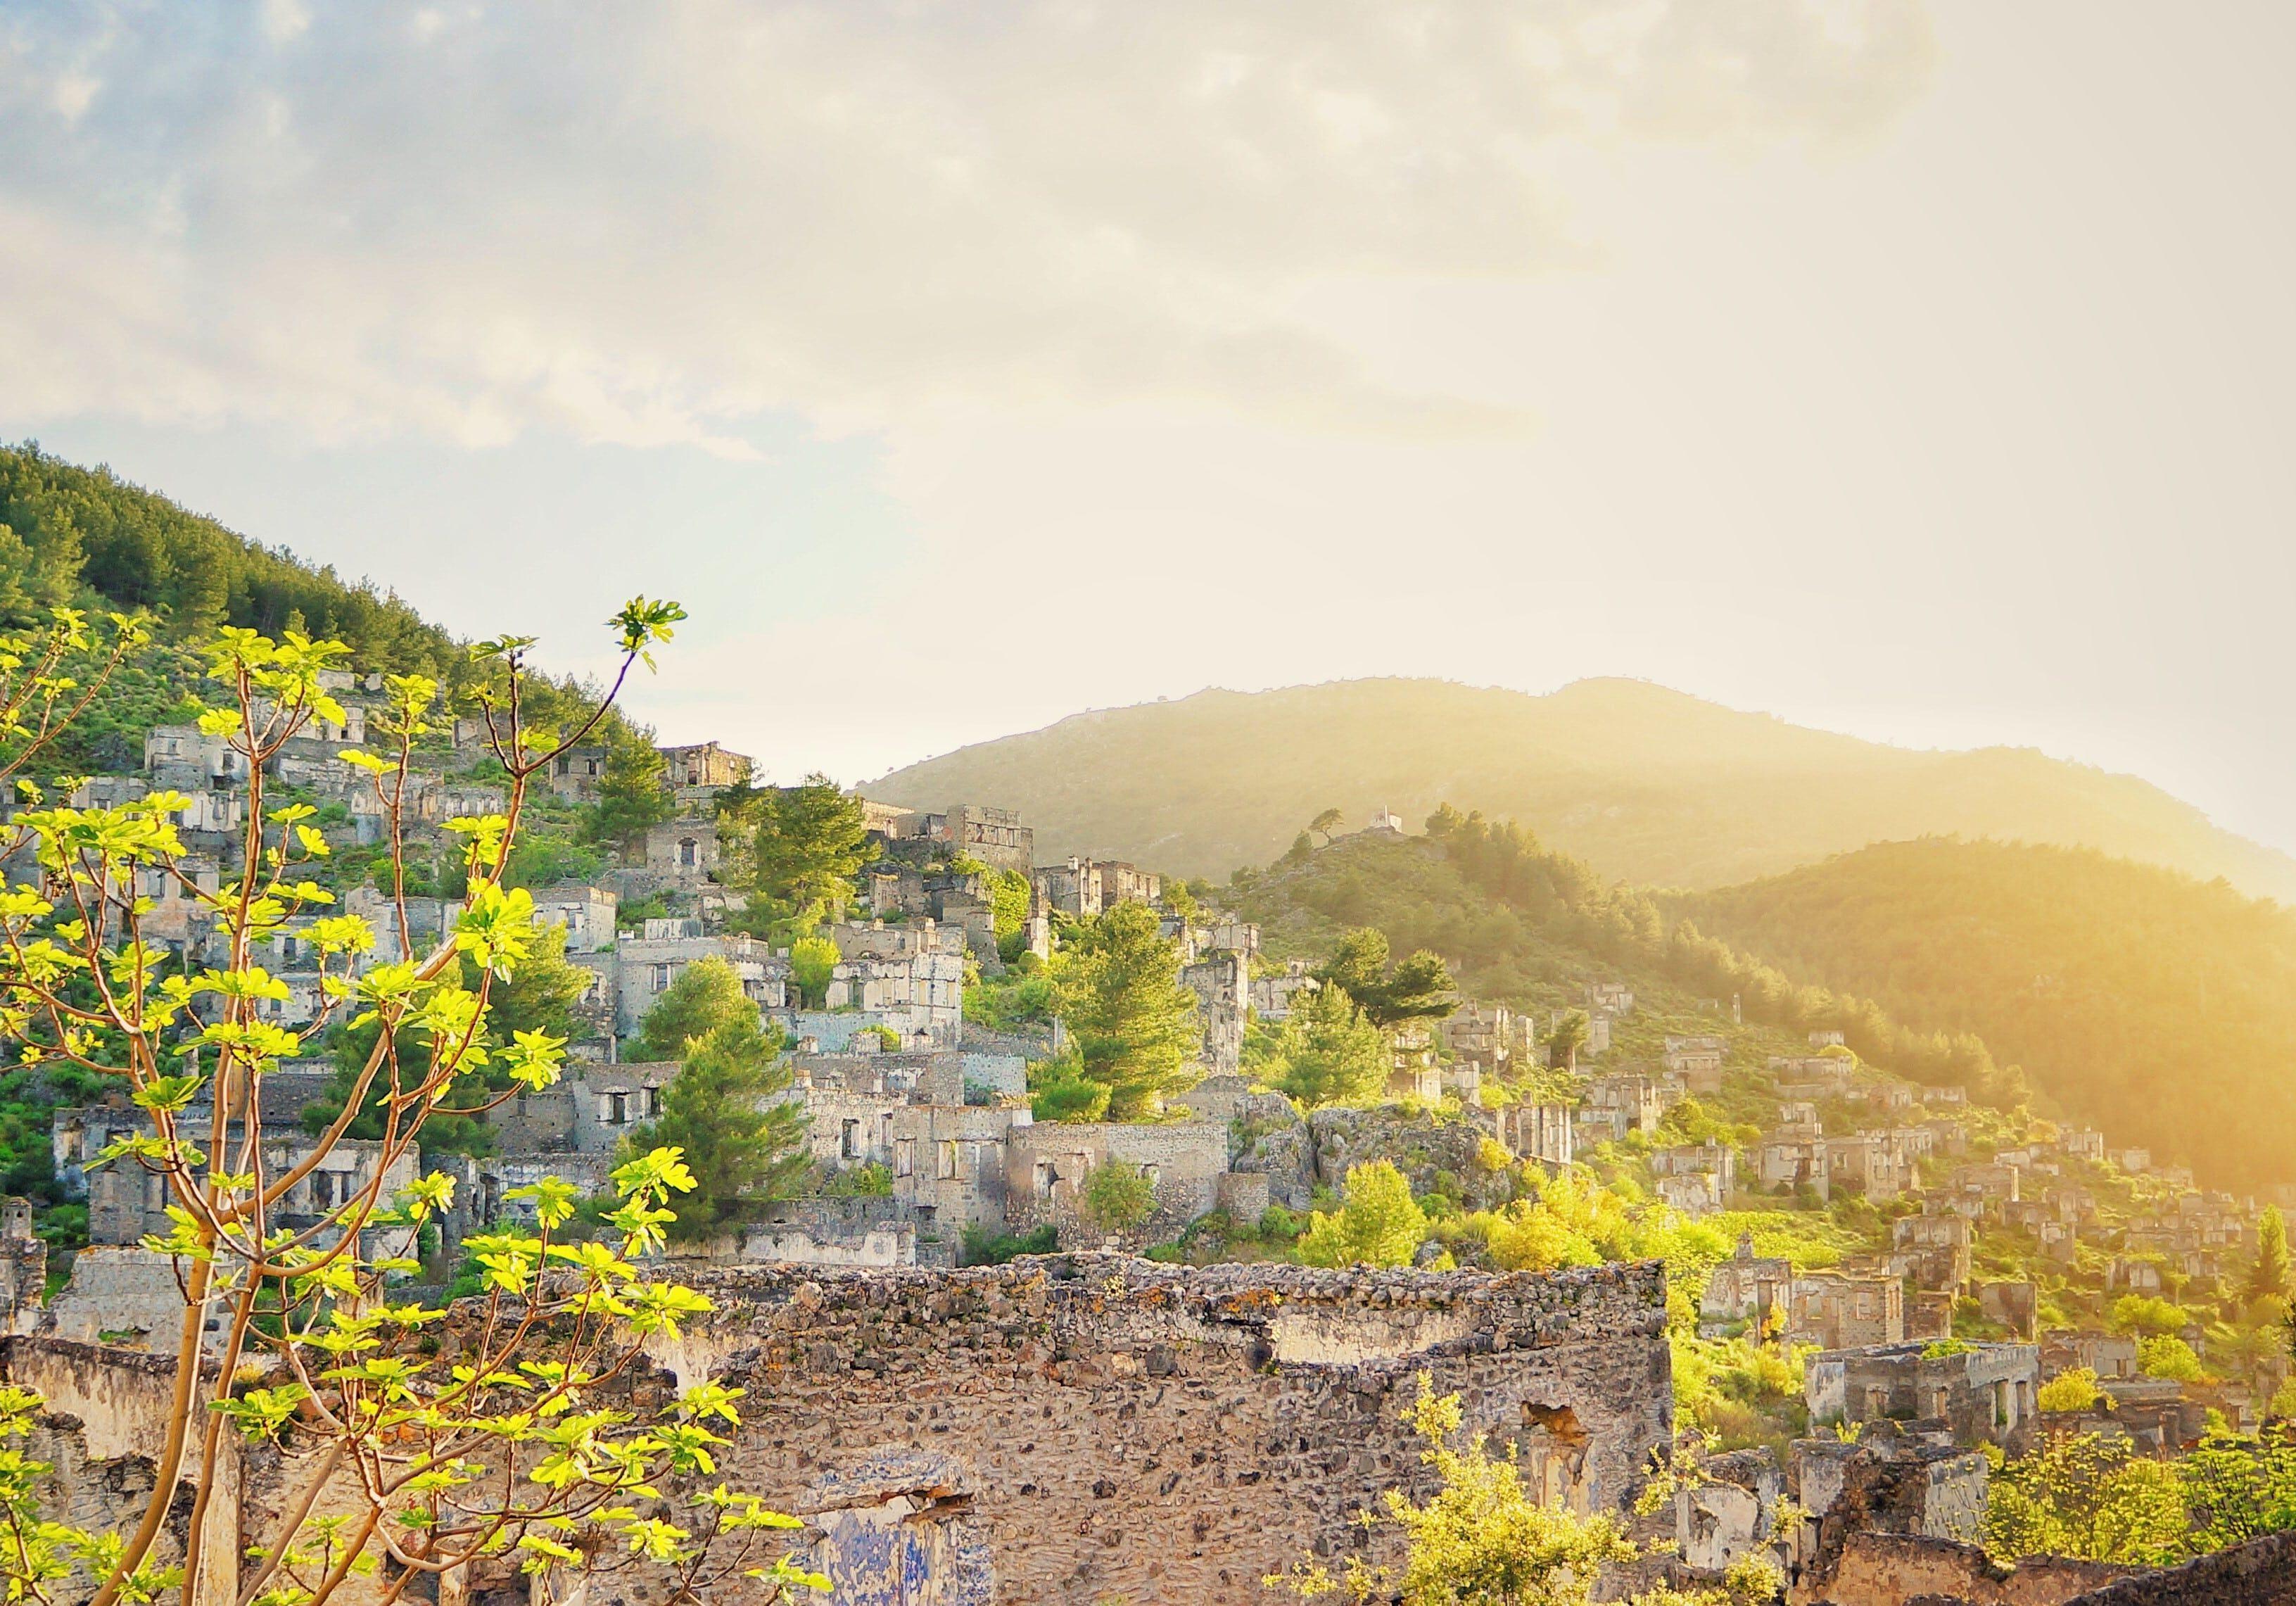 opuštěná Řecká vesnice Kayaköy, Fethiye (Turecko)